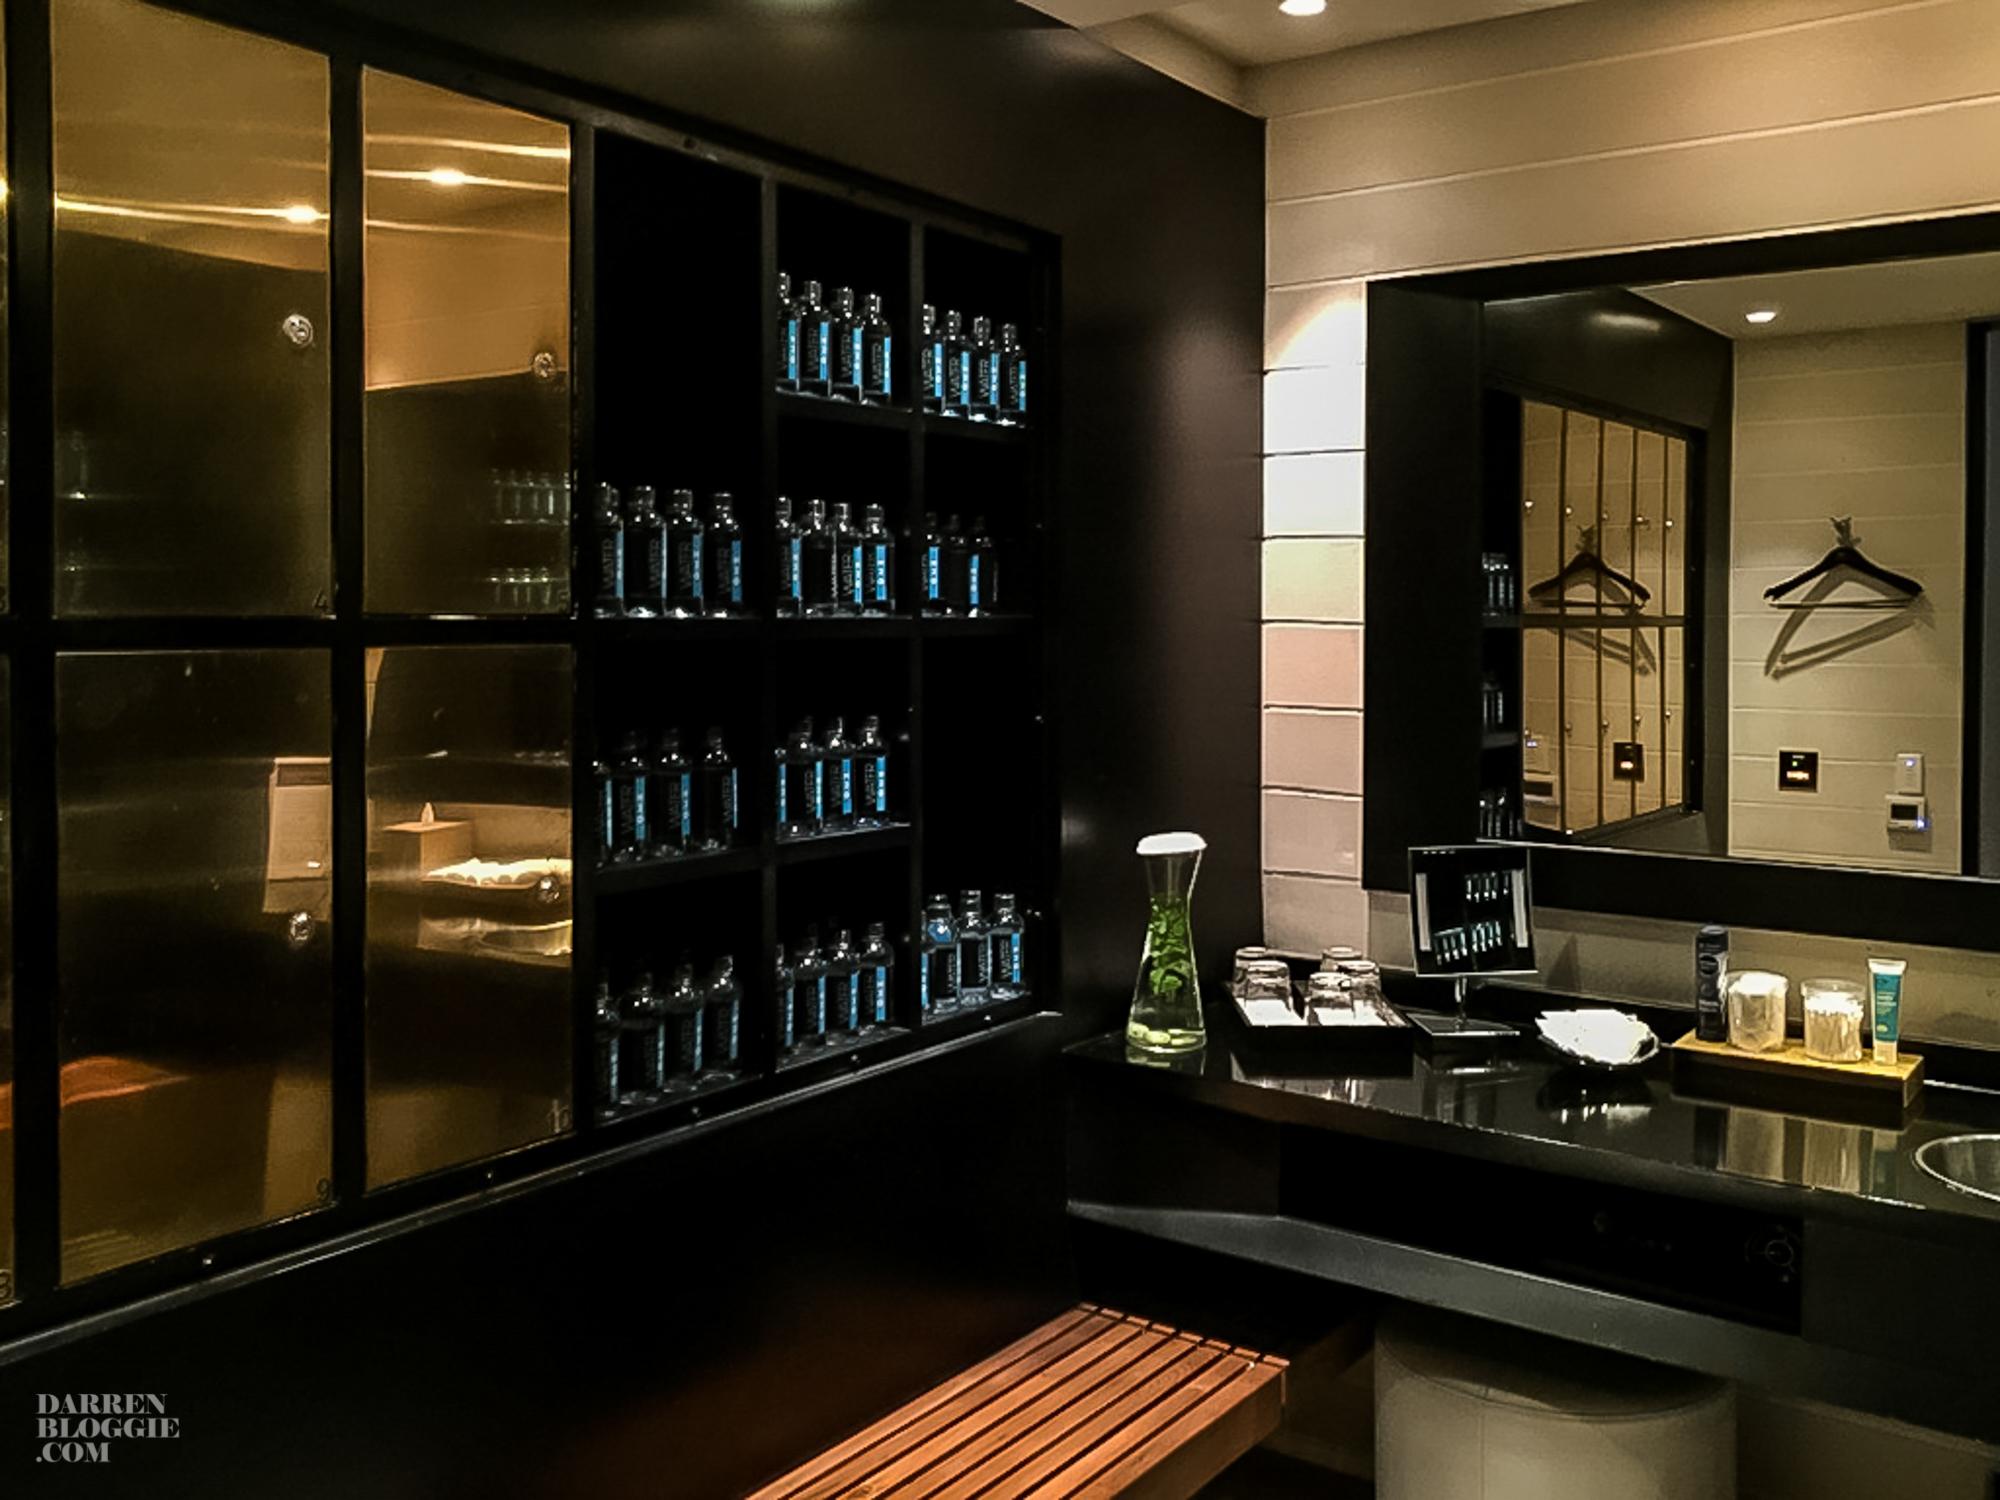 wbangkok_starwood_hotel-109